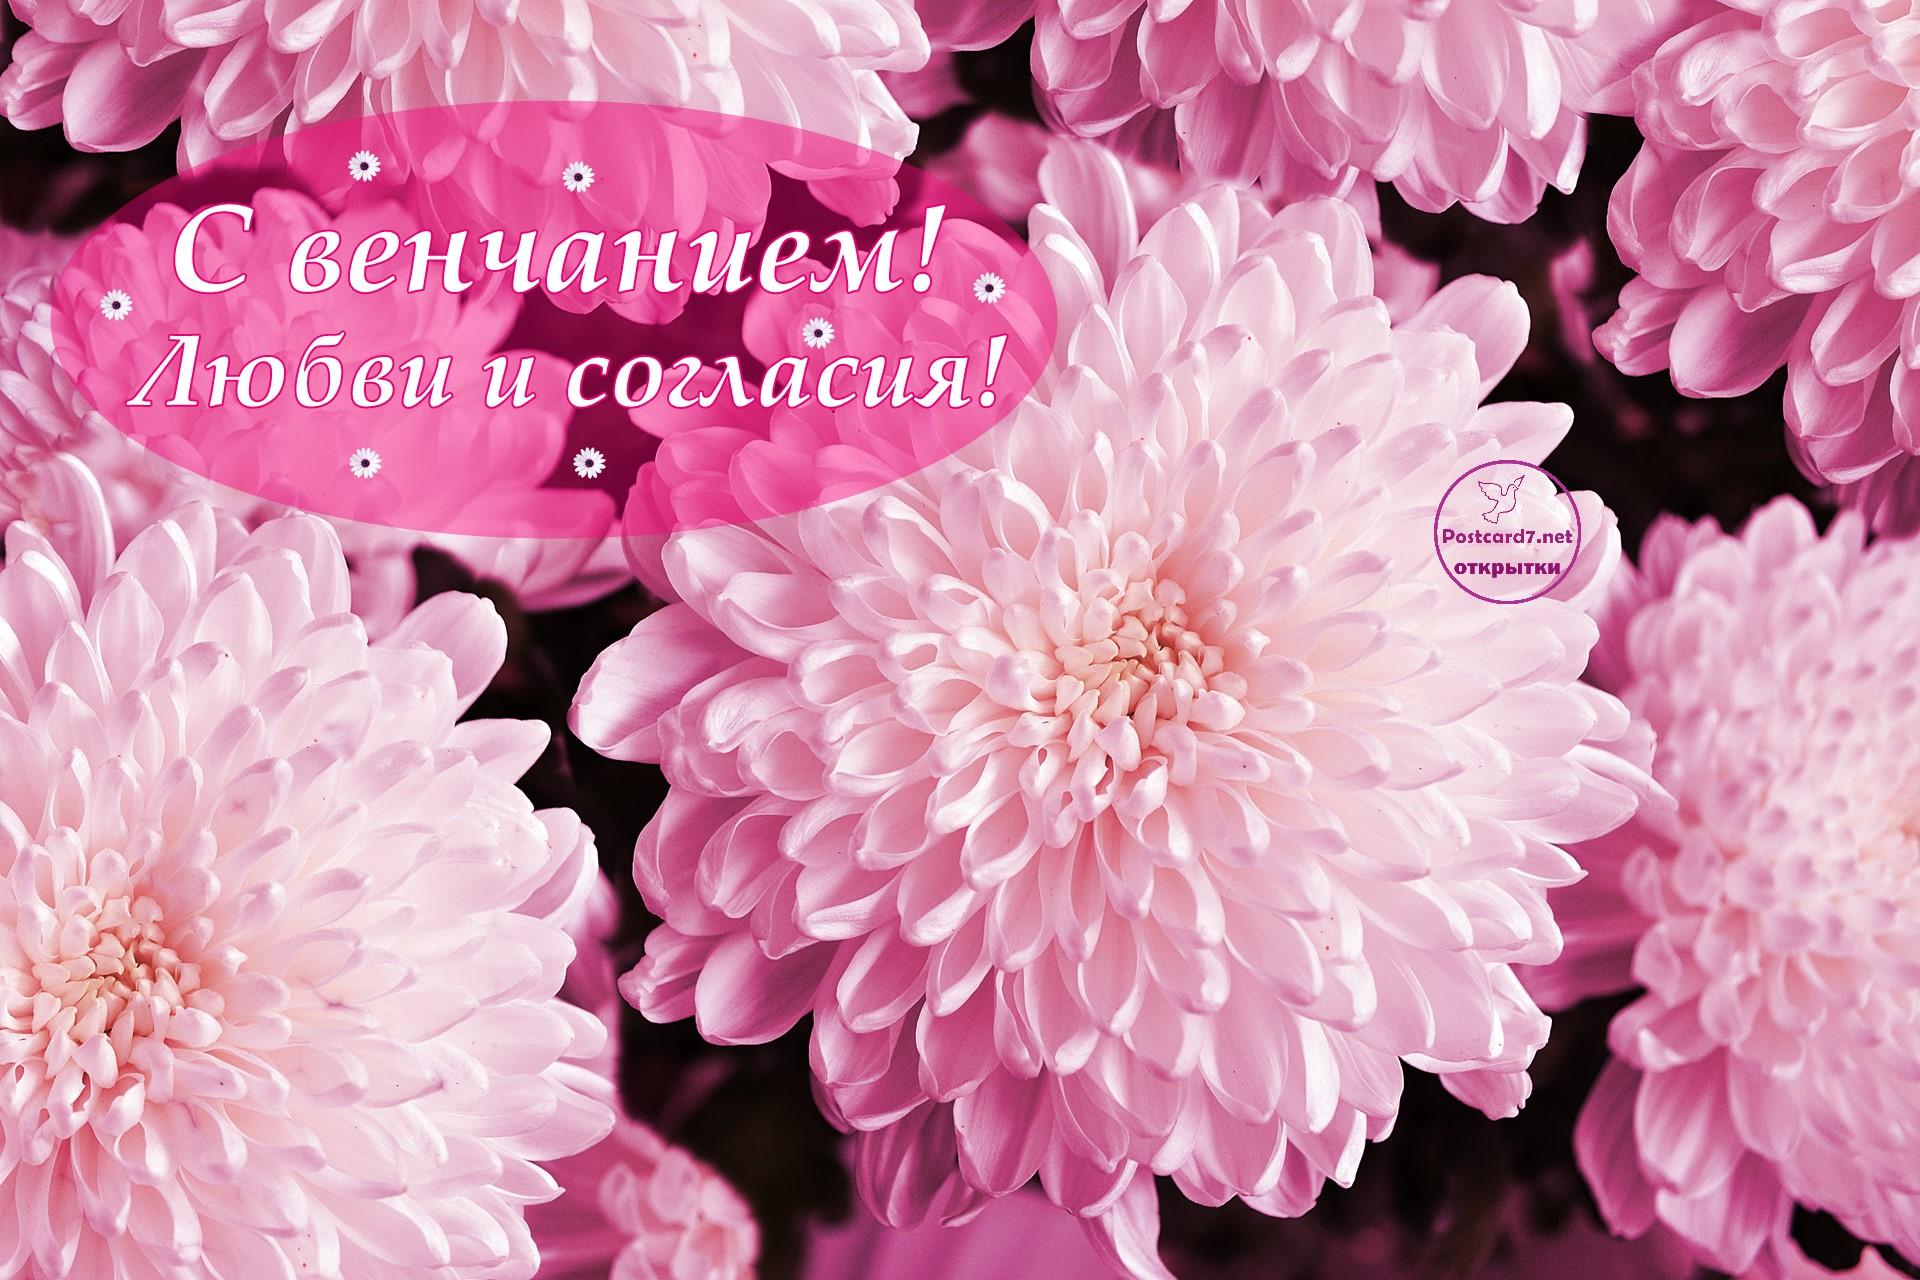 Бело-розовые хризантемы, открытка, С венчанием